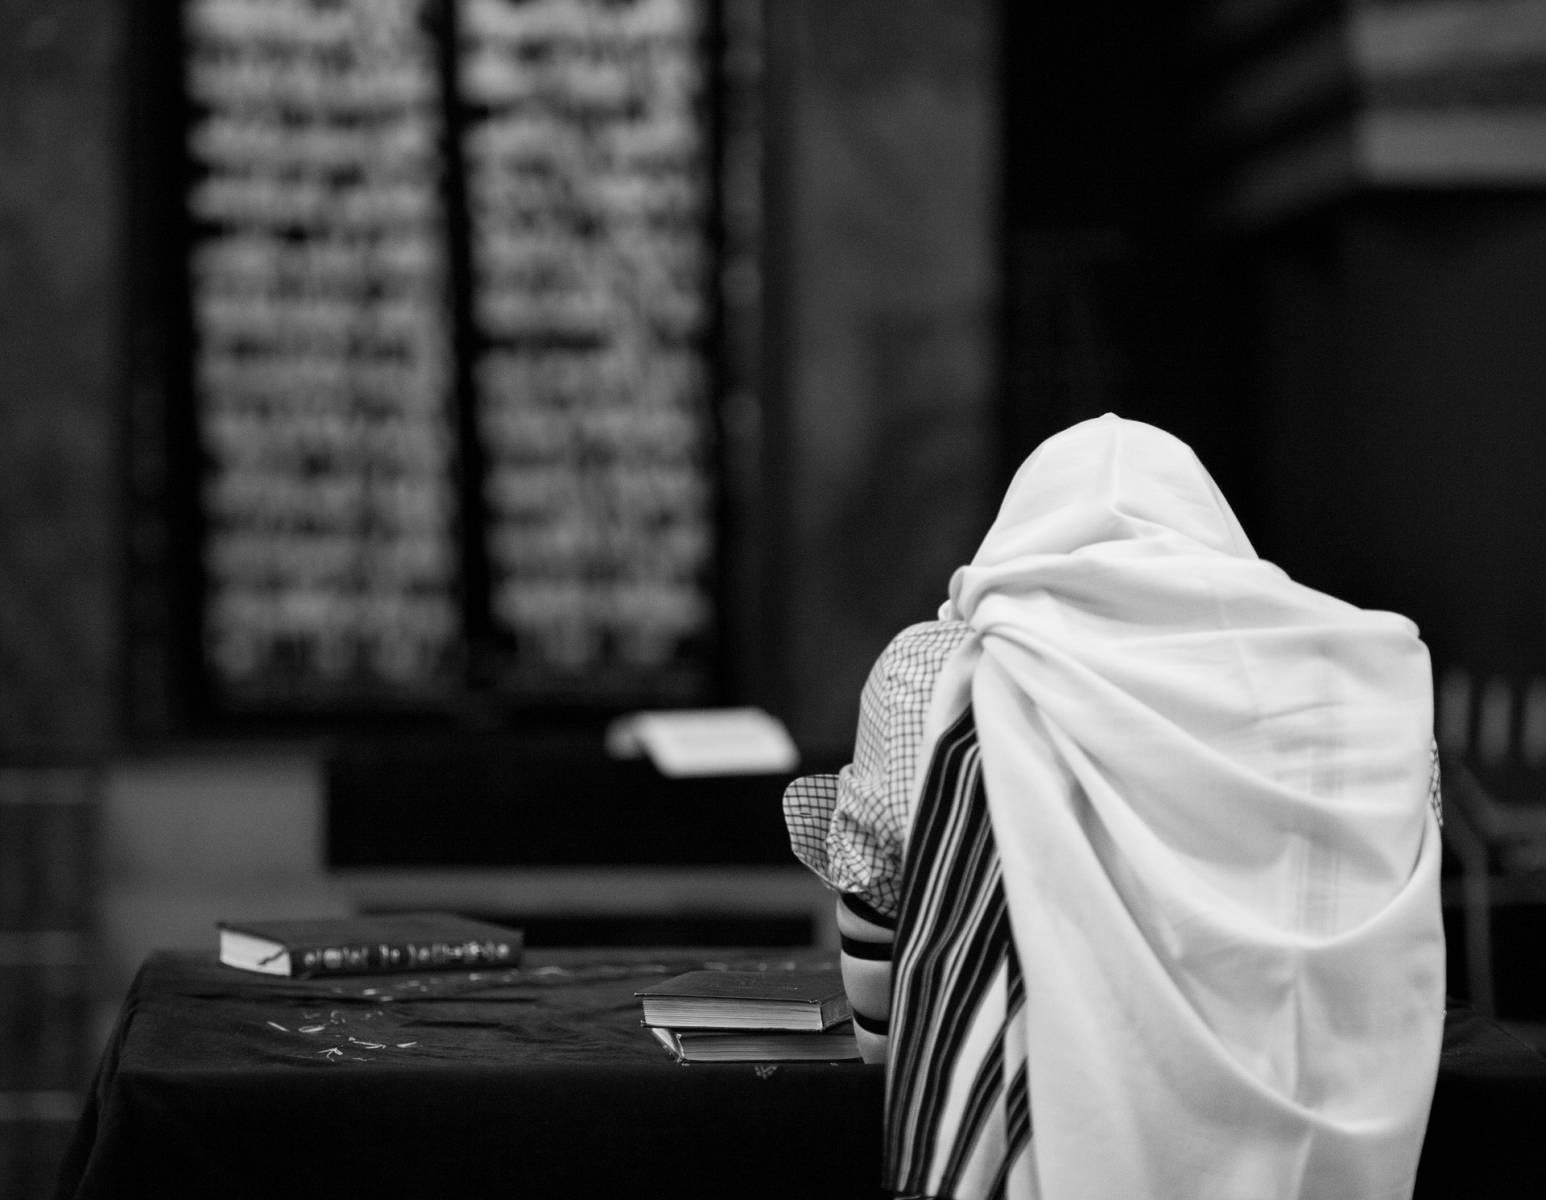 Jom kipur leghíresebb imájának története – Kibic Magazin